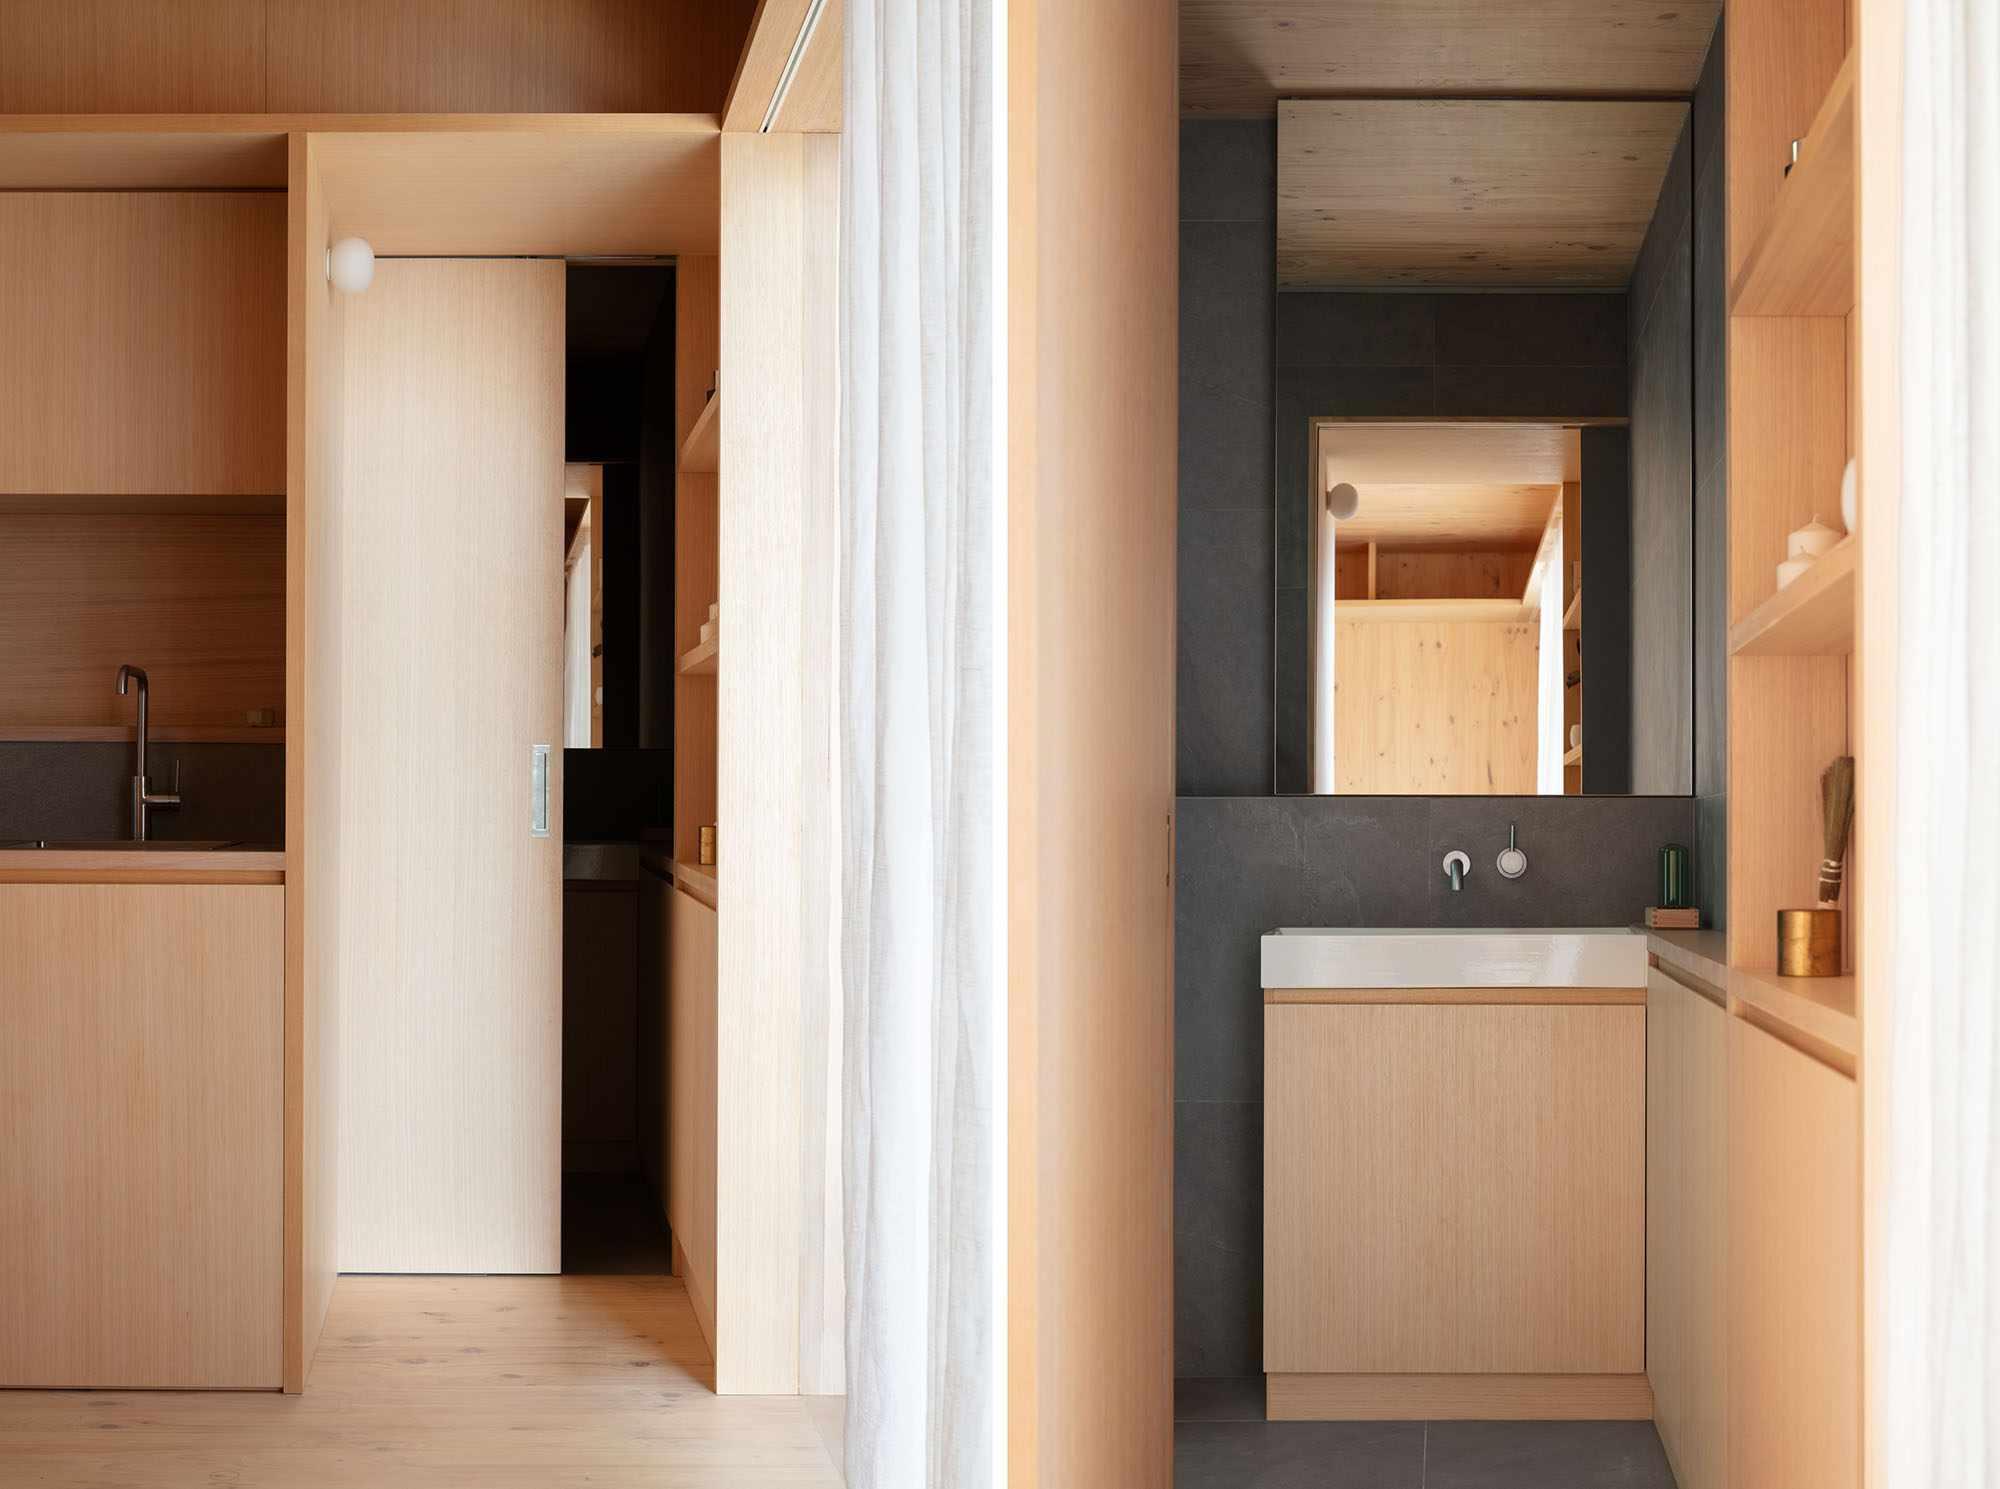 Minima prefab by TRIAS bathroom door